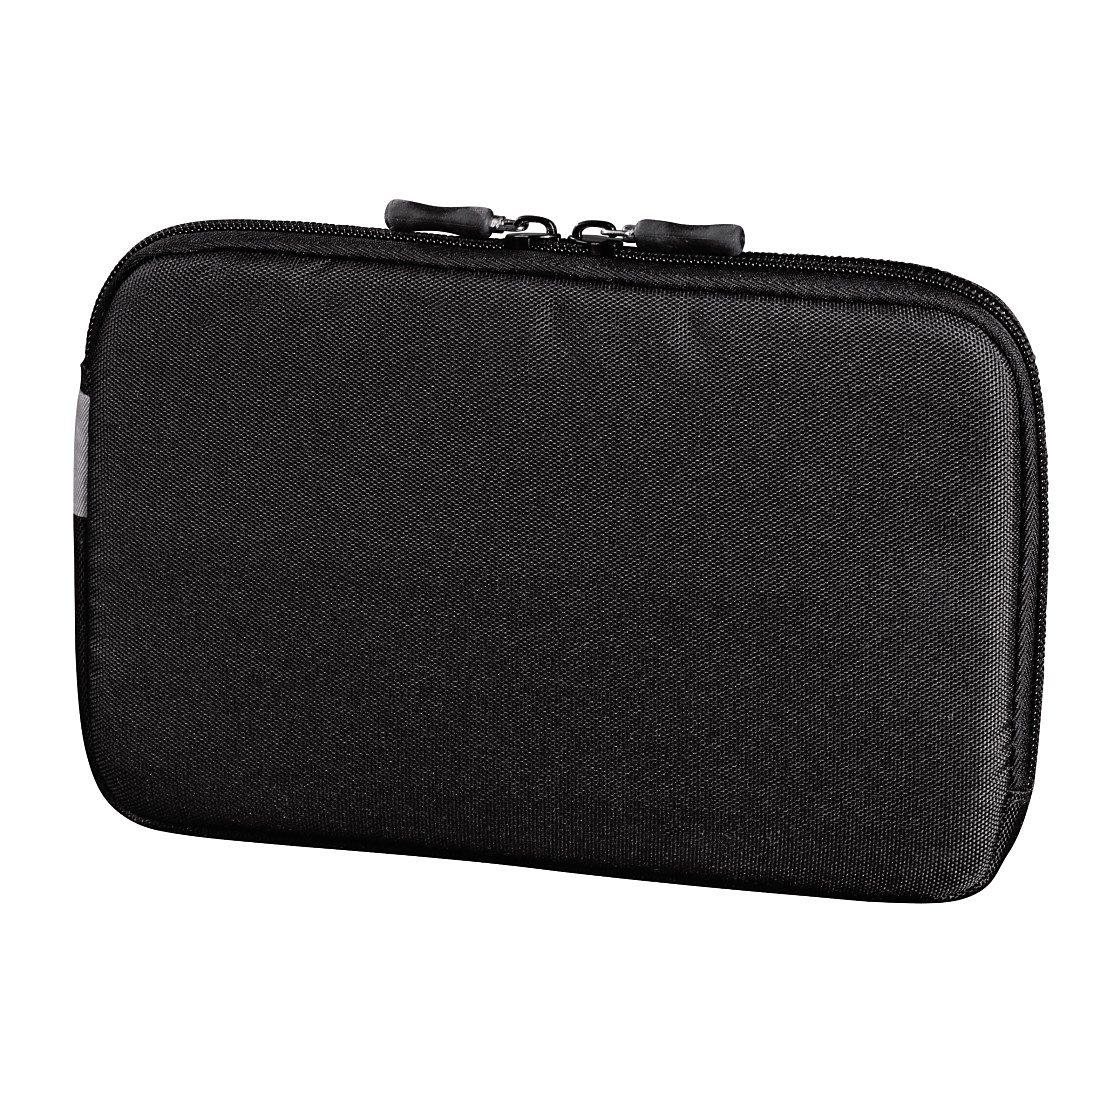 Hama Tablet Tasche Sleeve Hülle Case Schutzhülle für Tablet PCs »bis 7 Zoll (17,8 cm)«